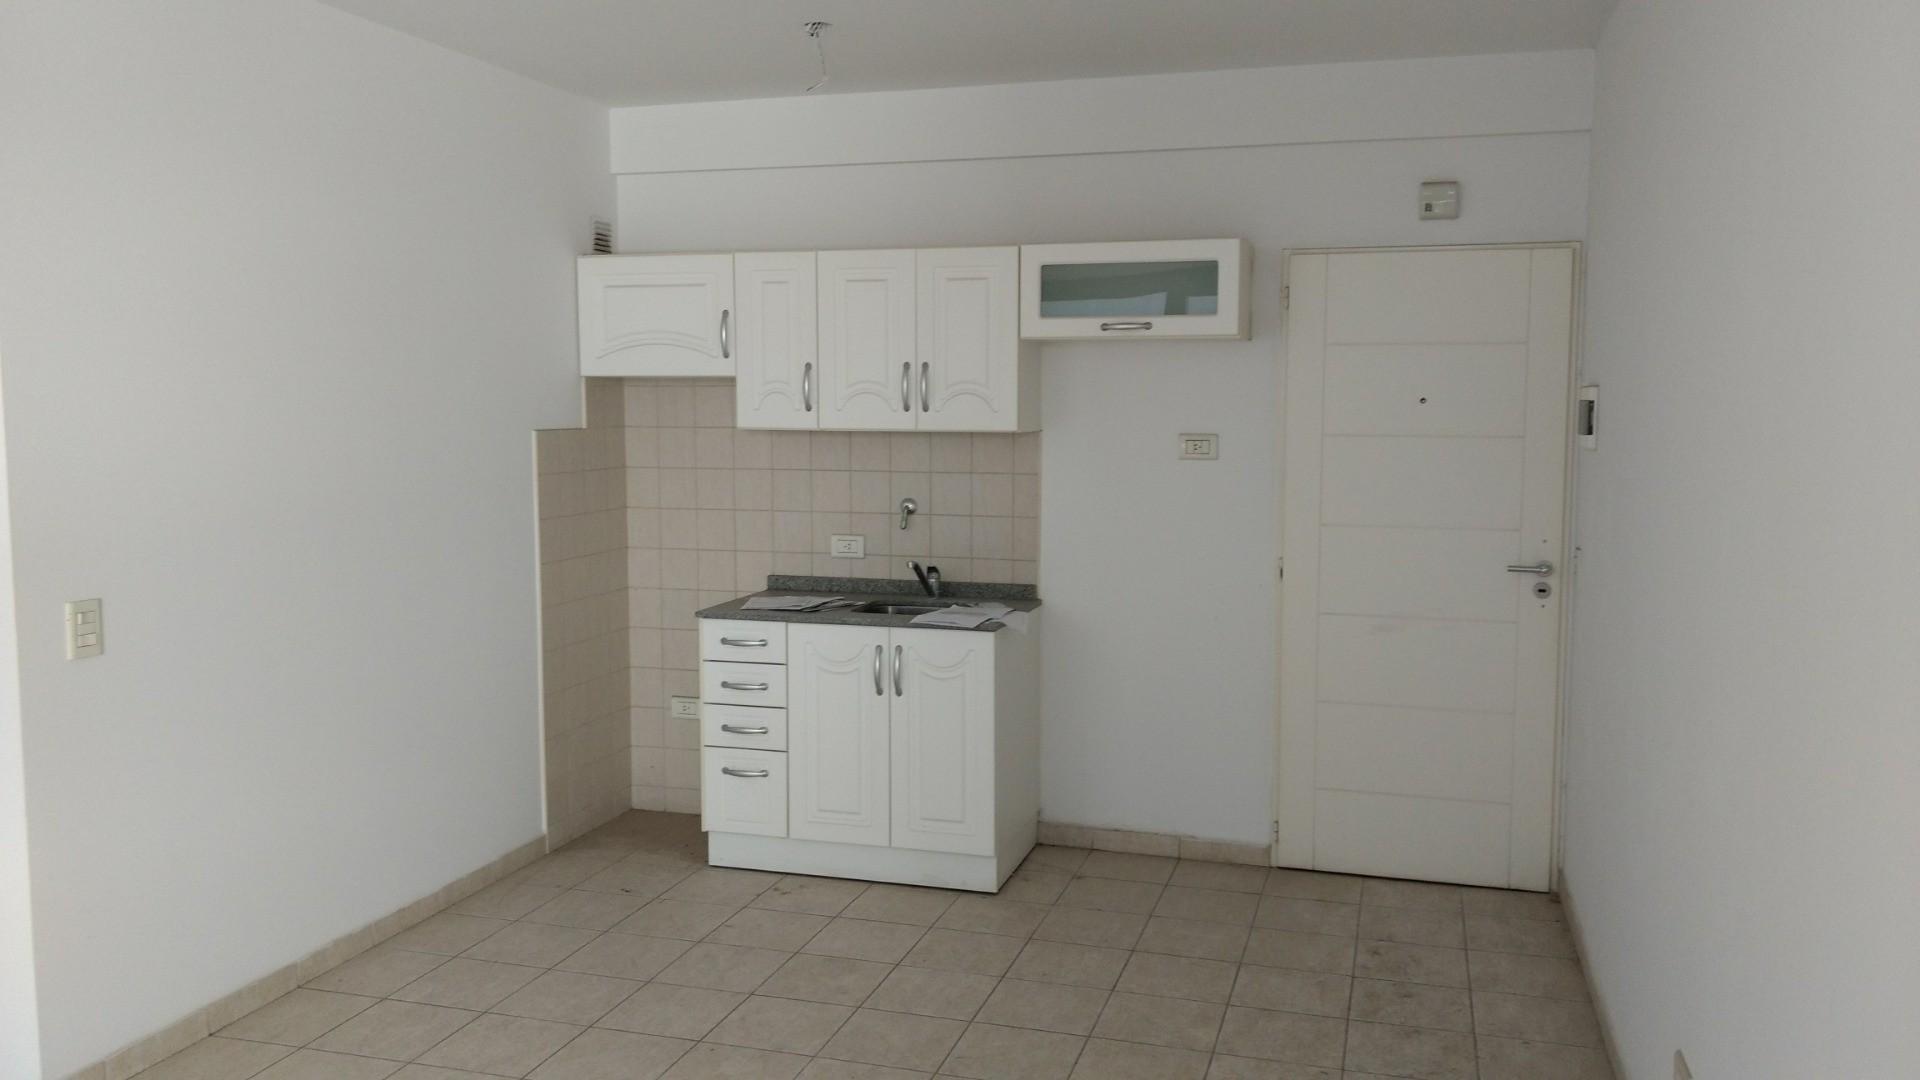 Departamento en Alquiler en Muñiz - 2 ambientes